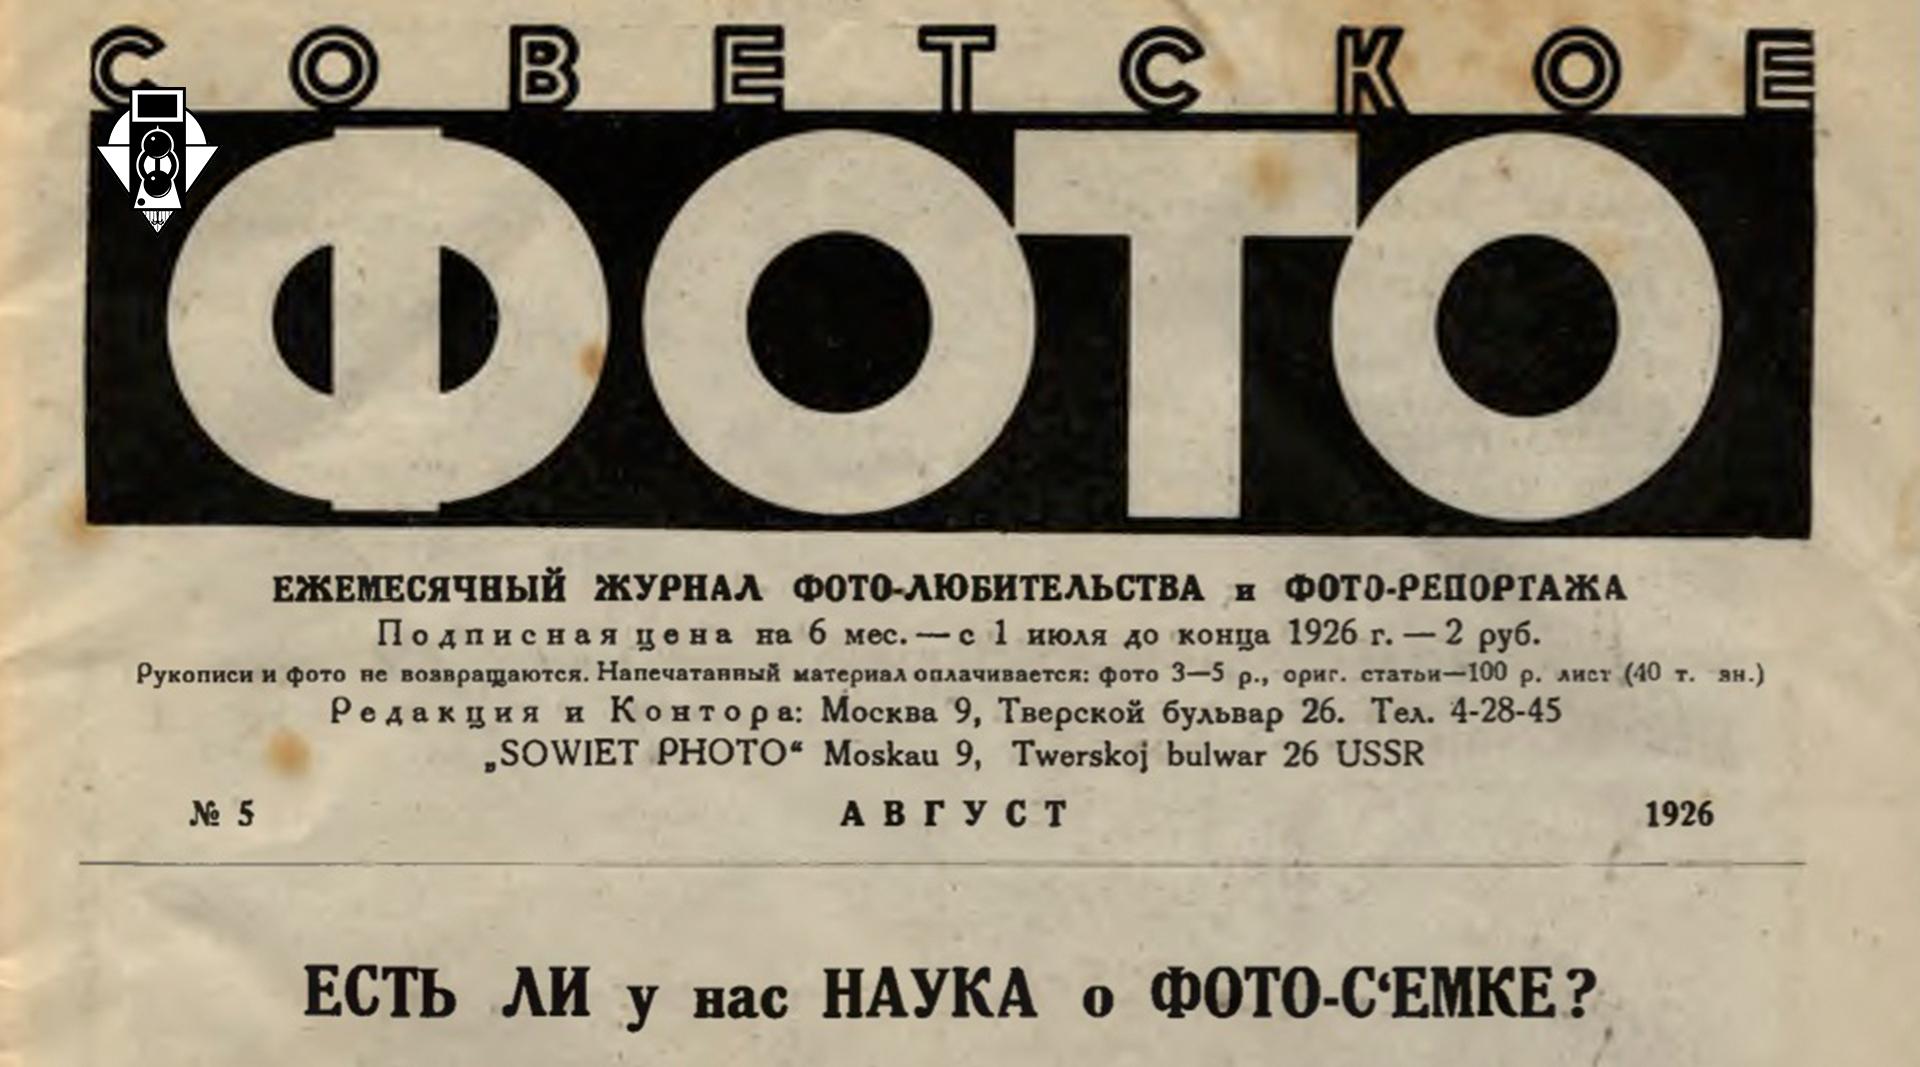 Есть ли у нас наука о фотосъемке? «Советское фото» 1926 г.